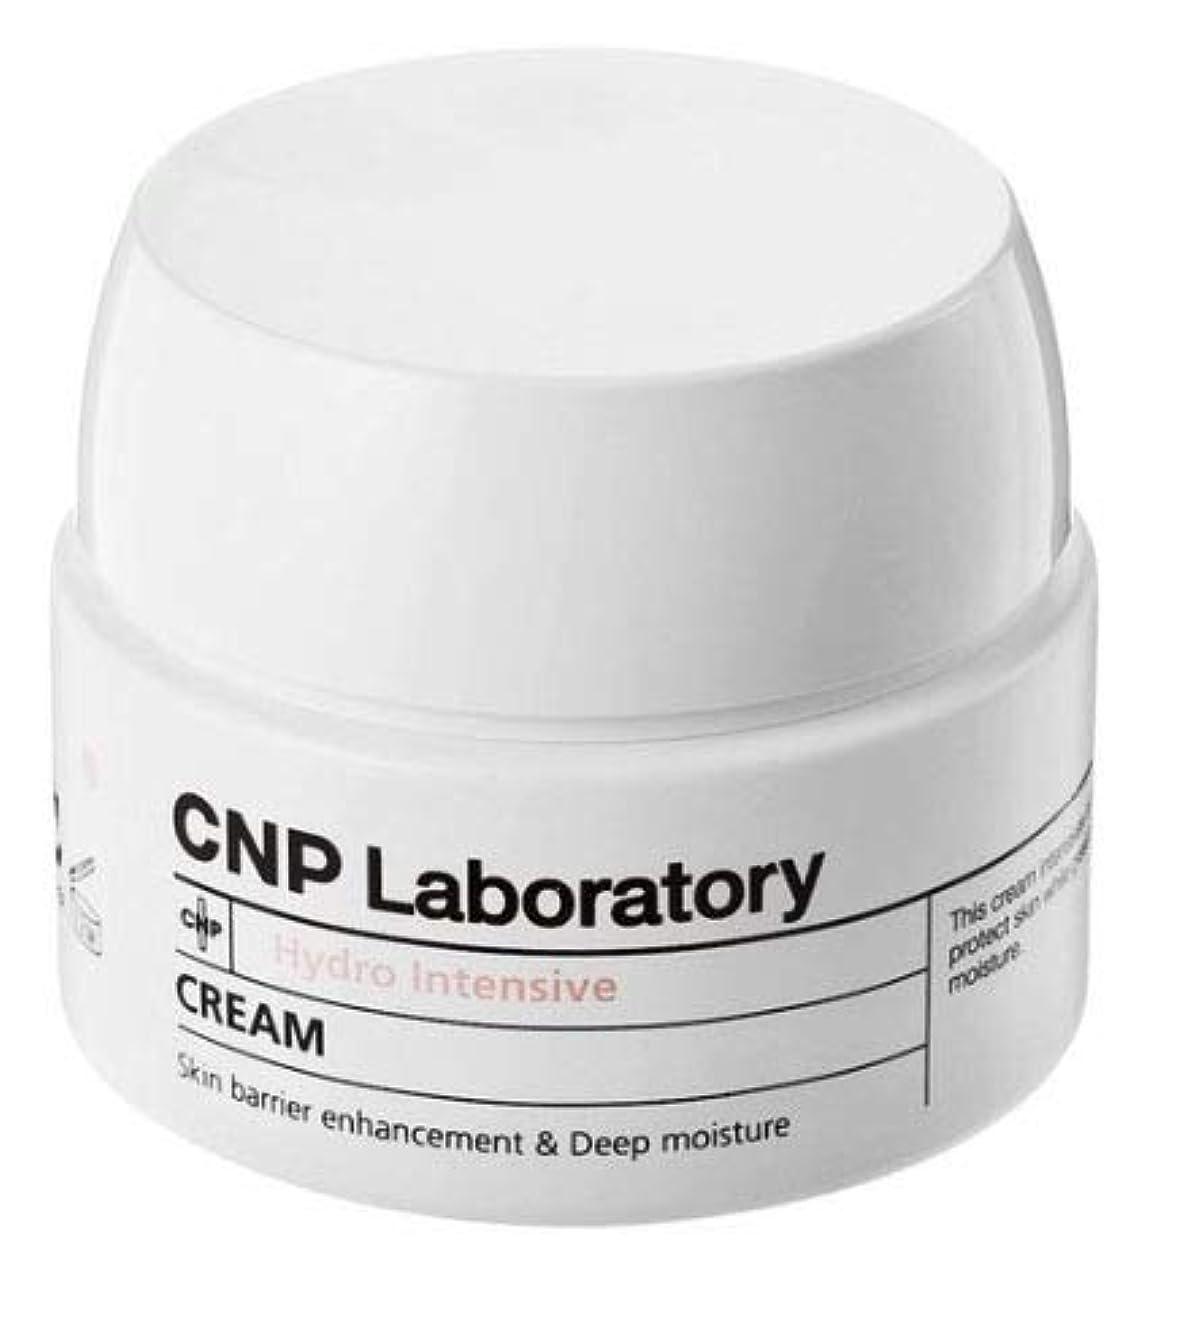 胃ウォルターカニンガムハグCNPハイドロインテンシブクリーム50ml水分クリーム韓国コスメ、CNP Hydro Intensive Cream 50ml Korean Cosmetics [並行輸入品]